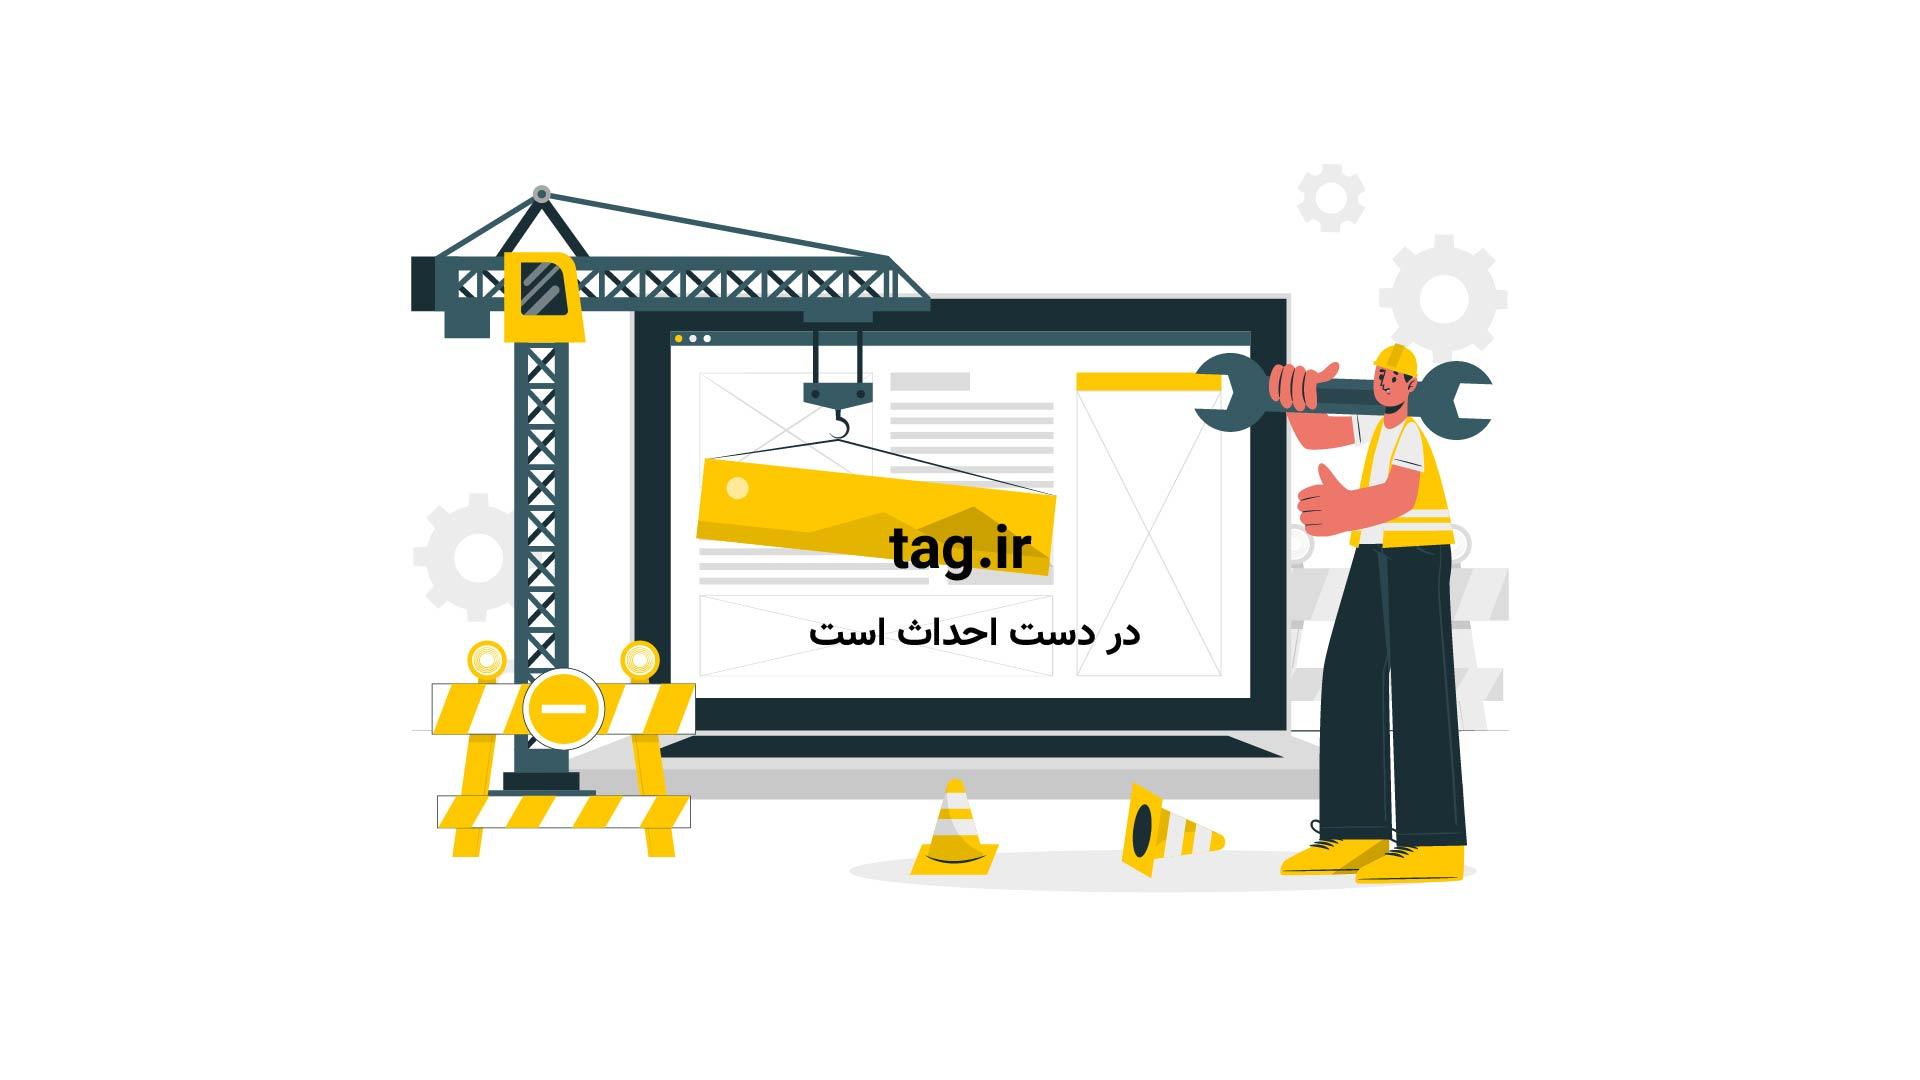 مسابقه پرسش و پاسخ ۵ ثانیه ای المیرا شریفی مقدم و داوود عابدی در برنامه خندوانه | فیلم